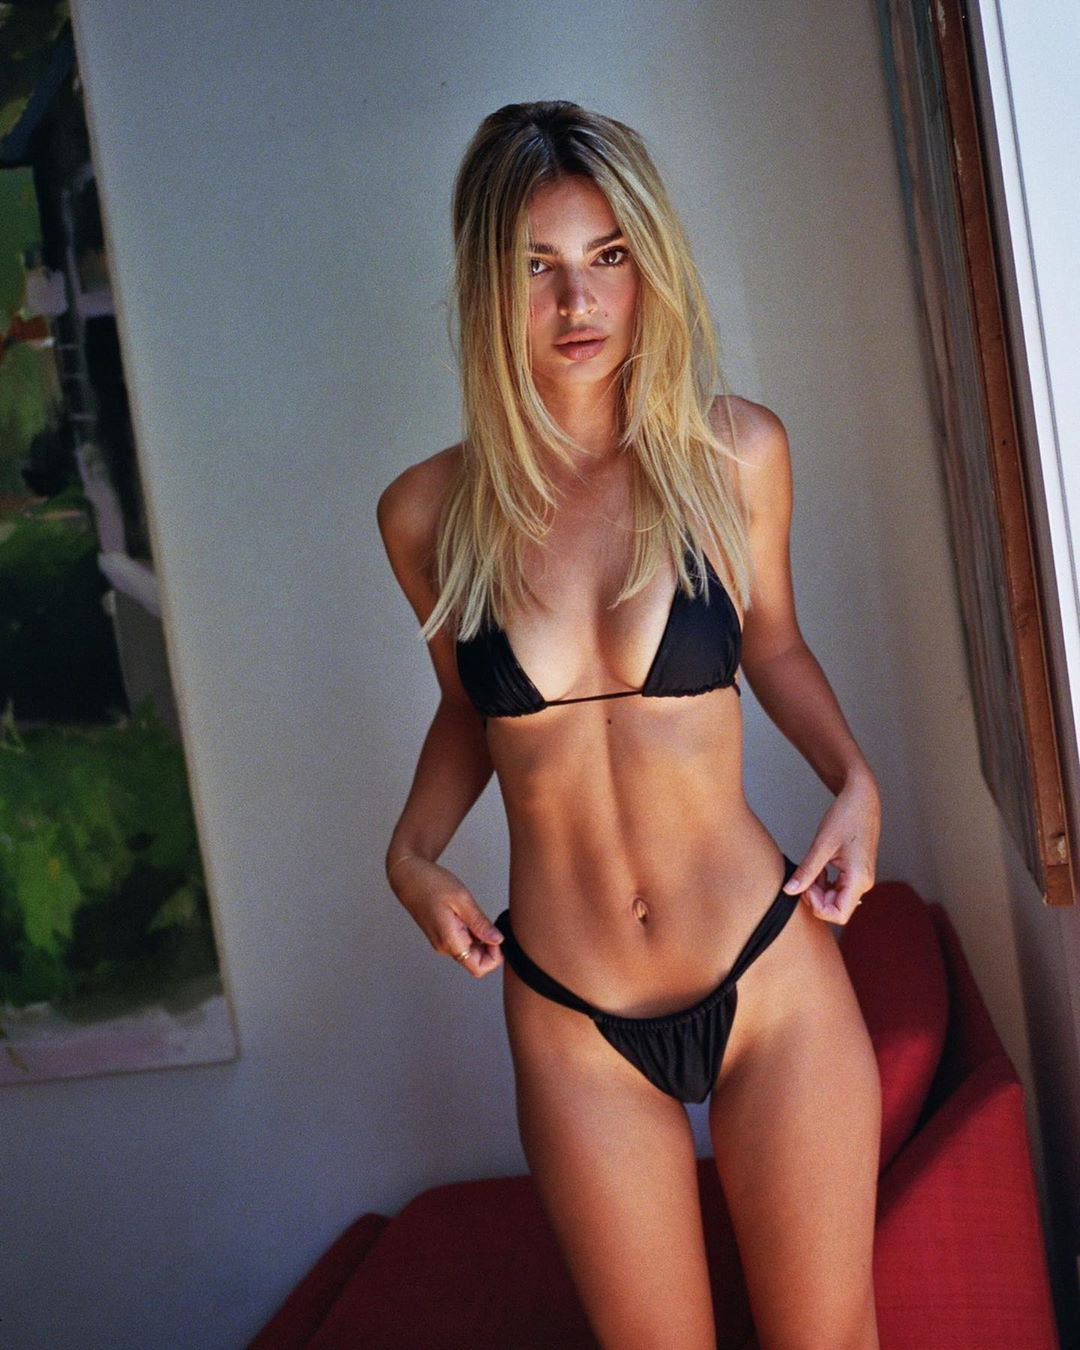 Emily Ratajkowski – Sexy Boobs In Small Black Bikini 0002